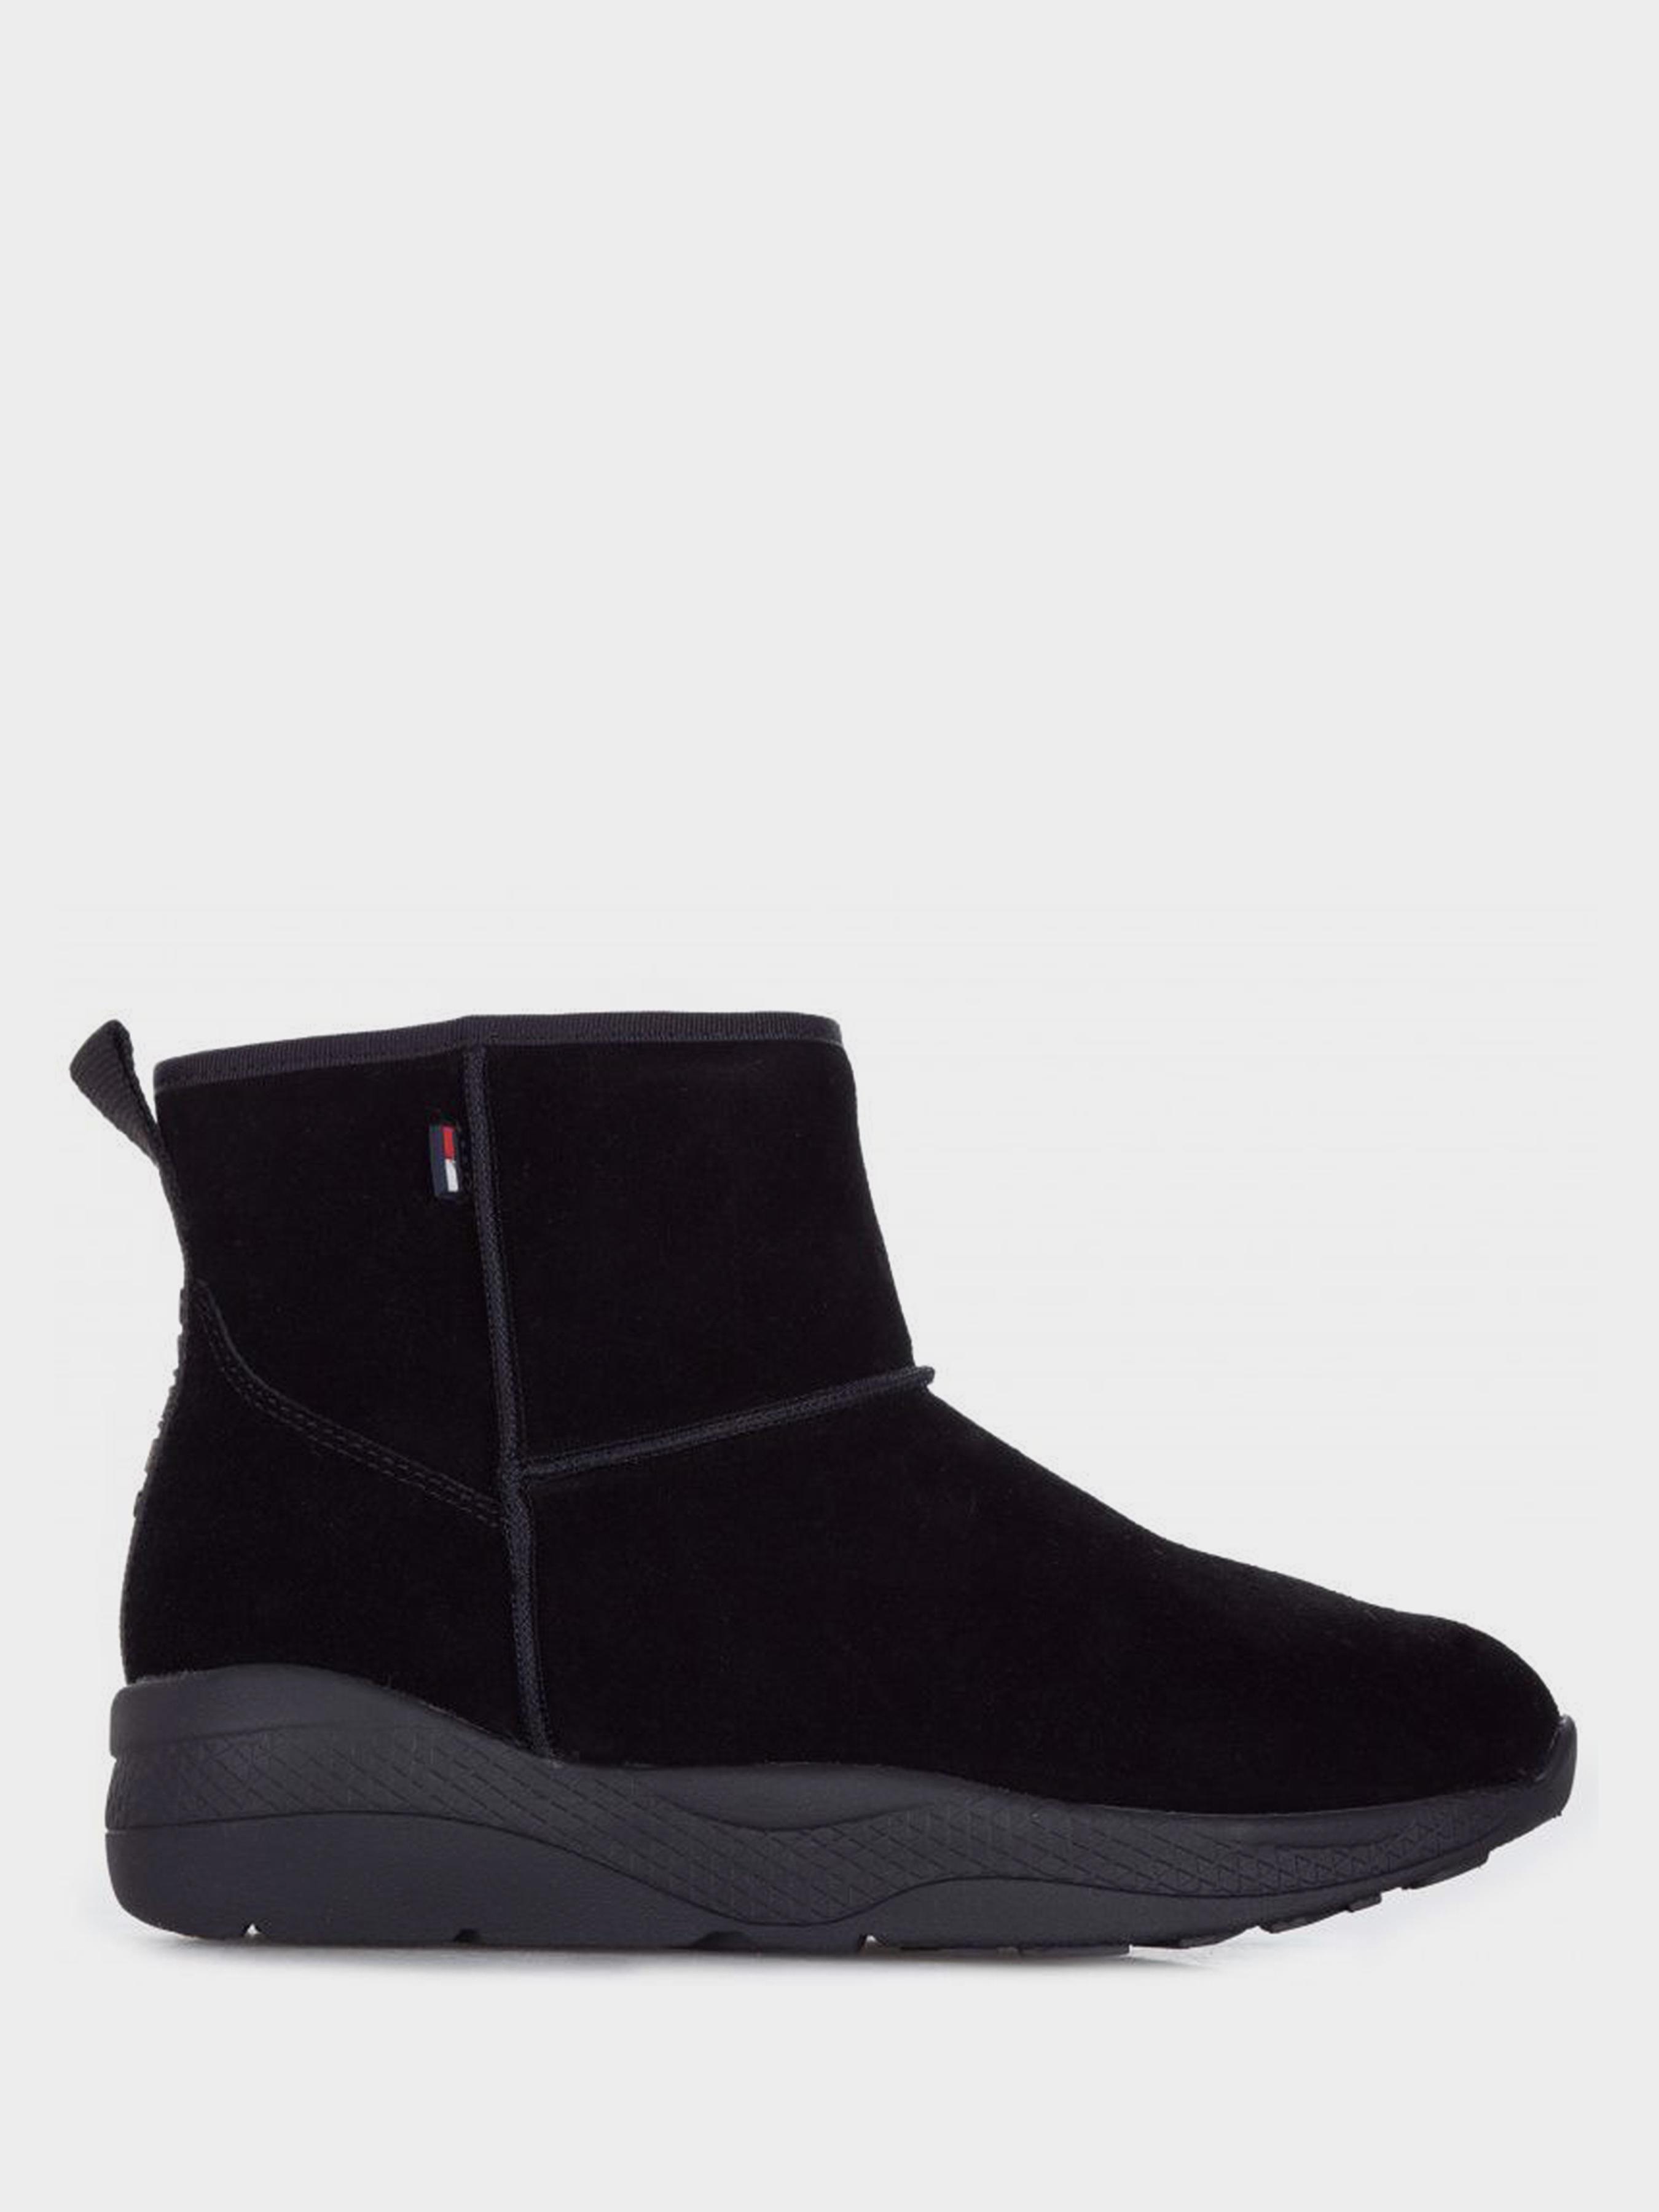 Купить Ботинки для женщин Tommy Hilfiger TD1157, Черный